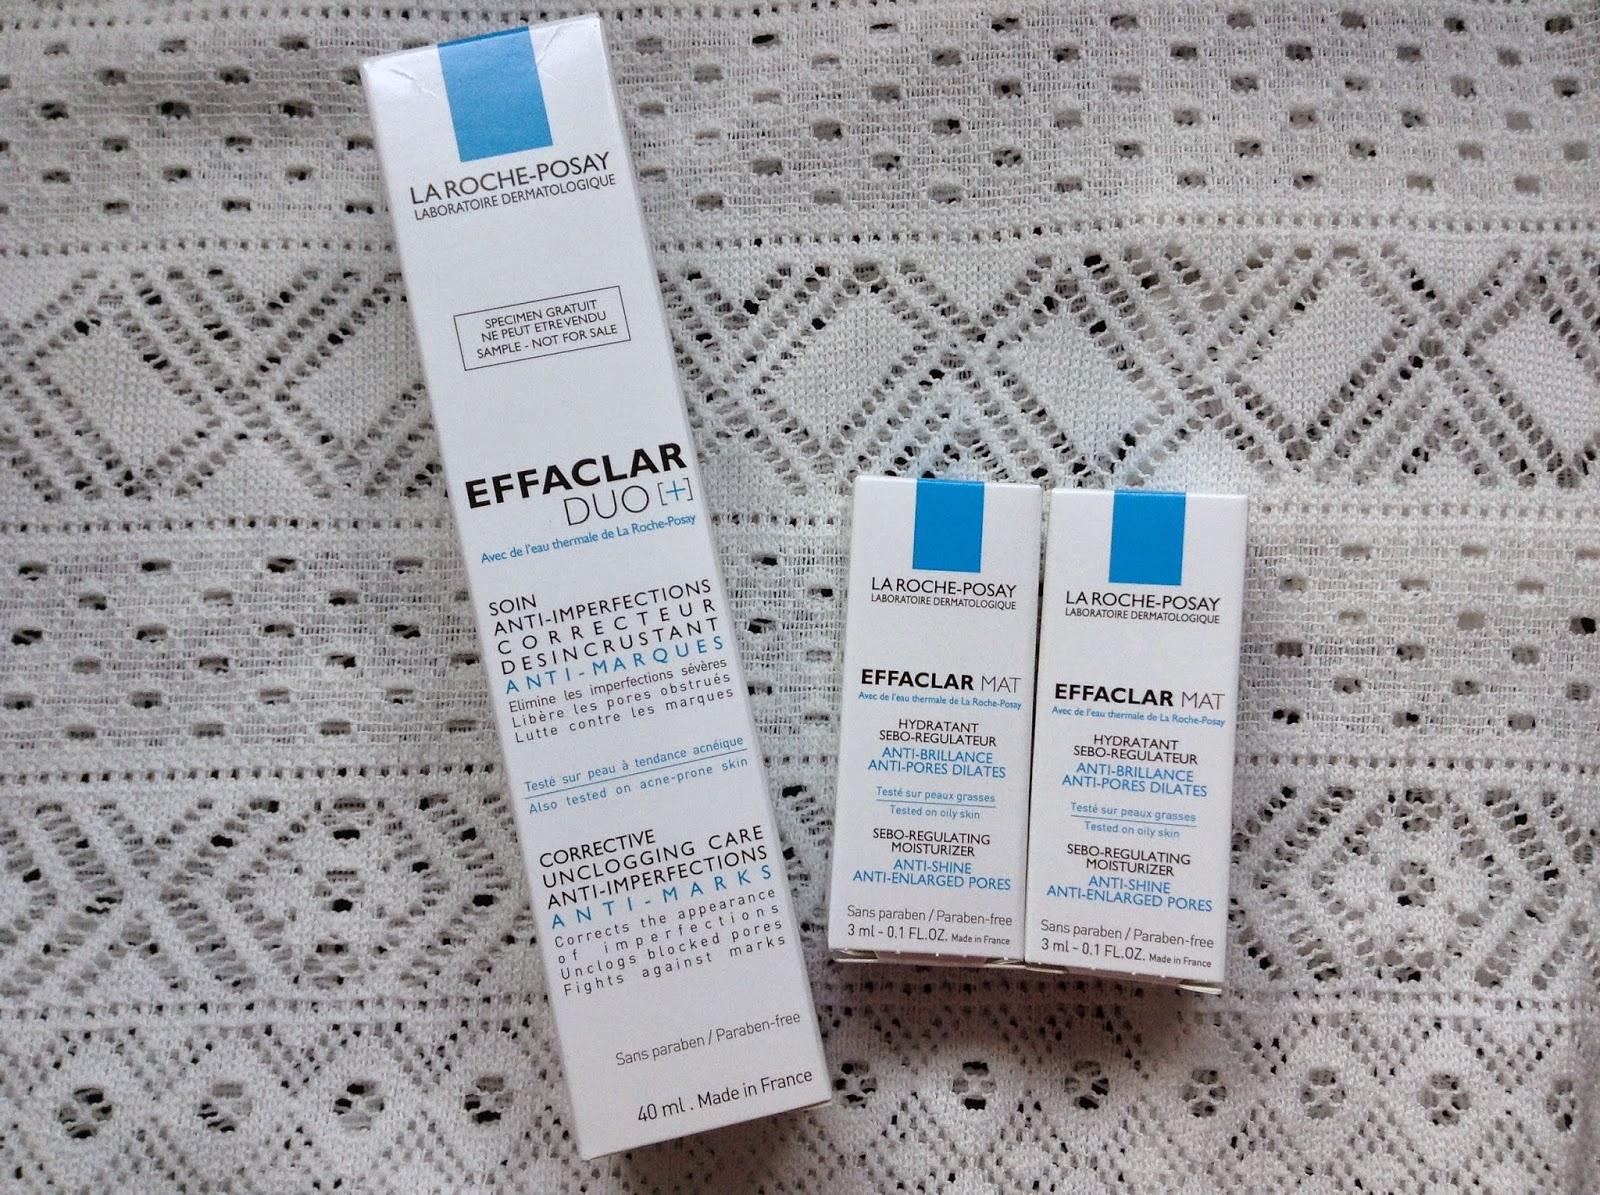 >> 油面專用去暗粒*La Roche-Posay EFFACLAR DUO[+] 粉刺淨化雙效精華﹠控油收毛孔保濕乳+免費換領體驗裝